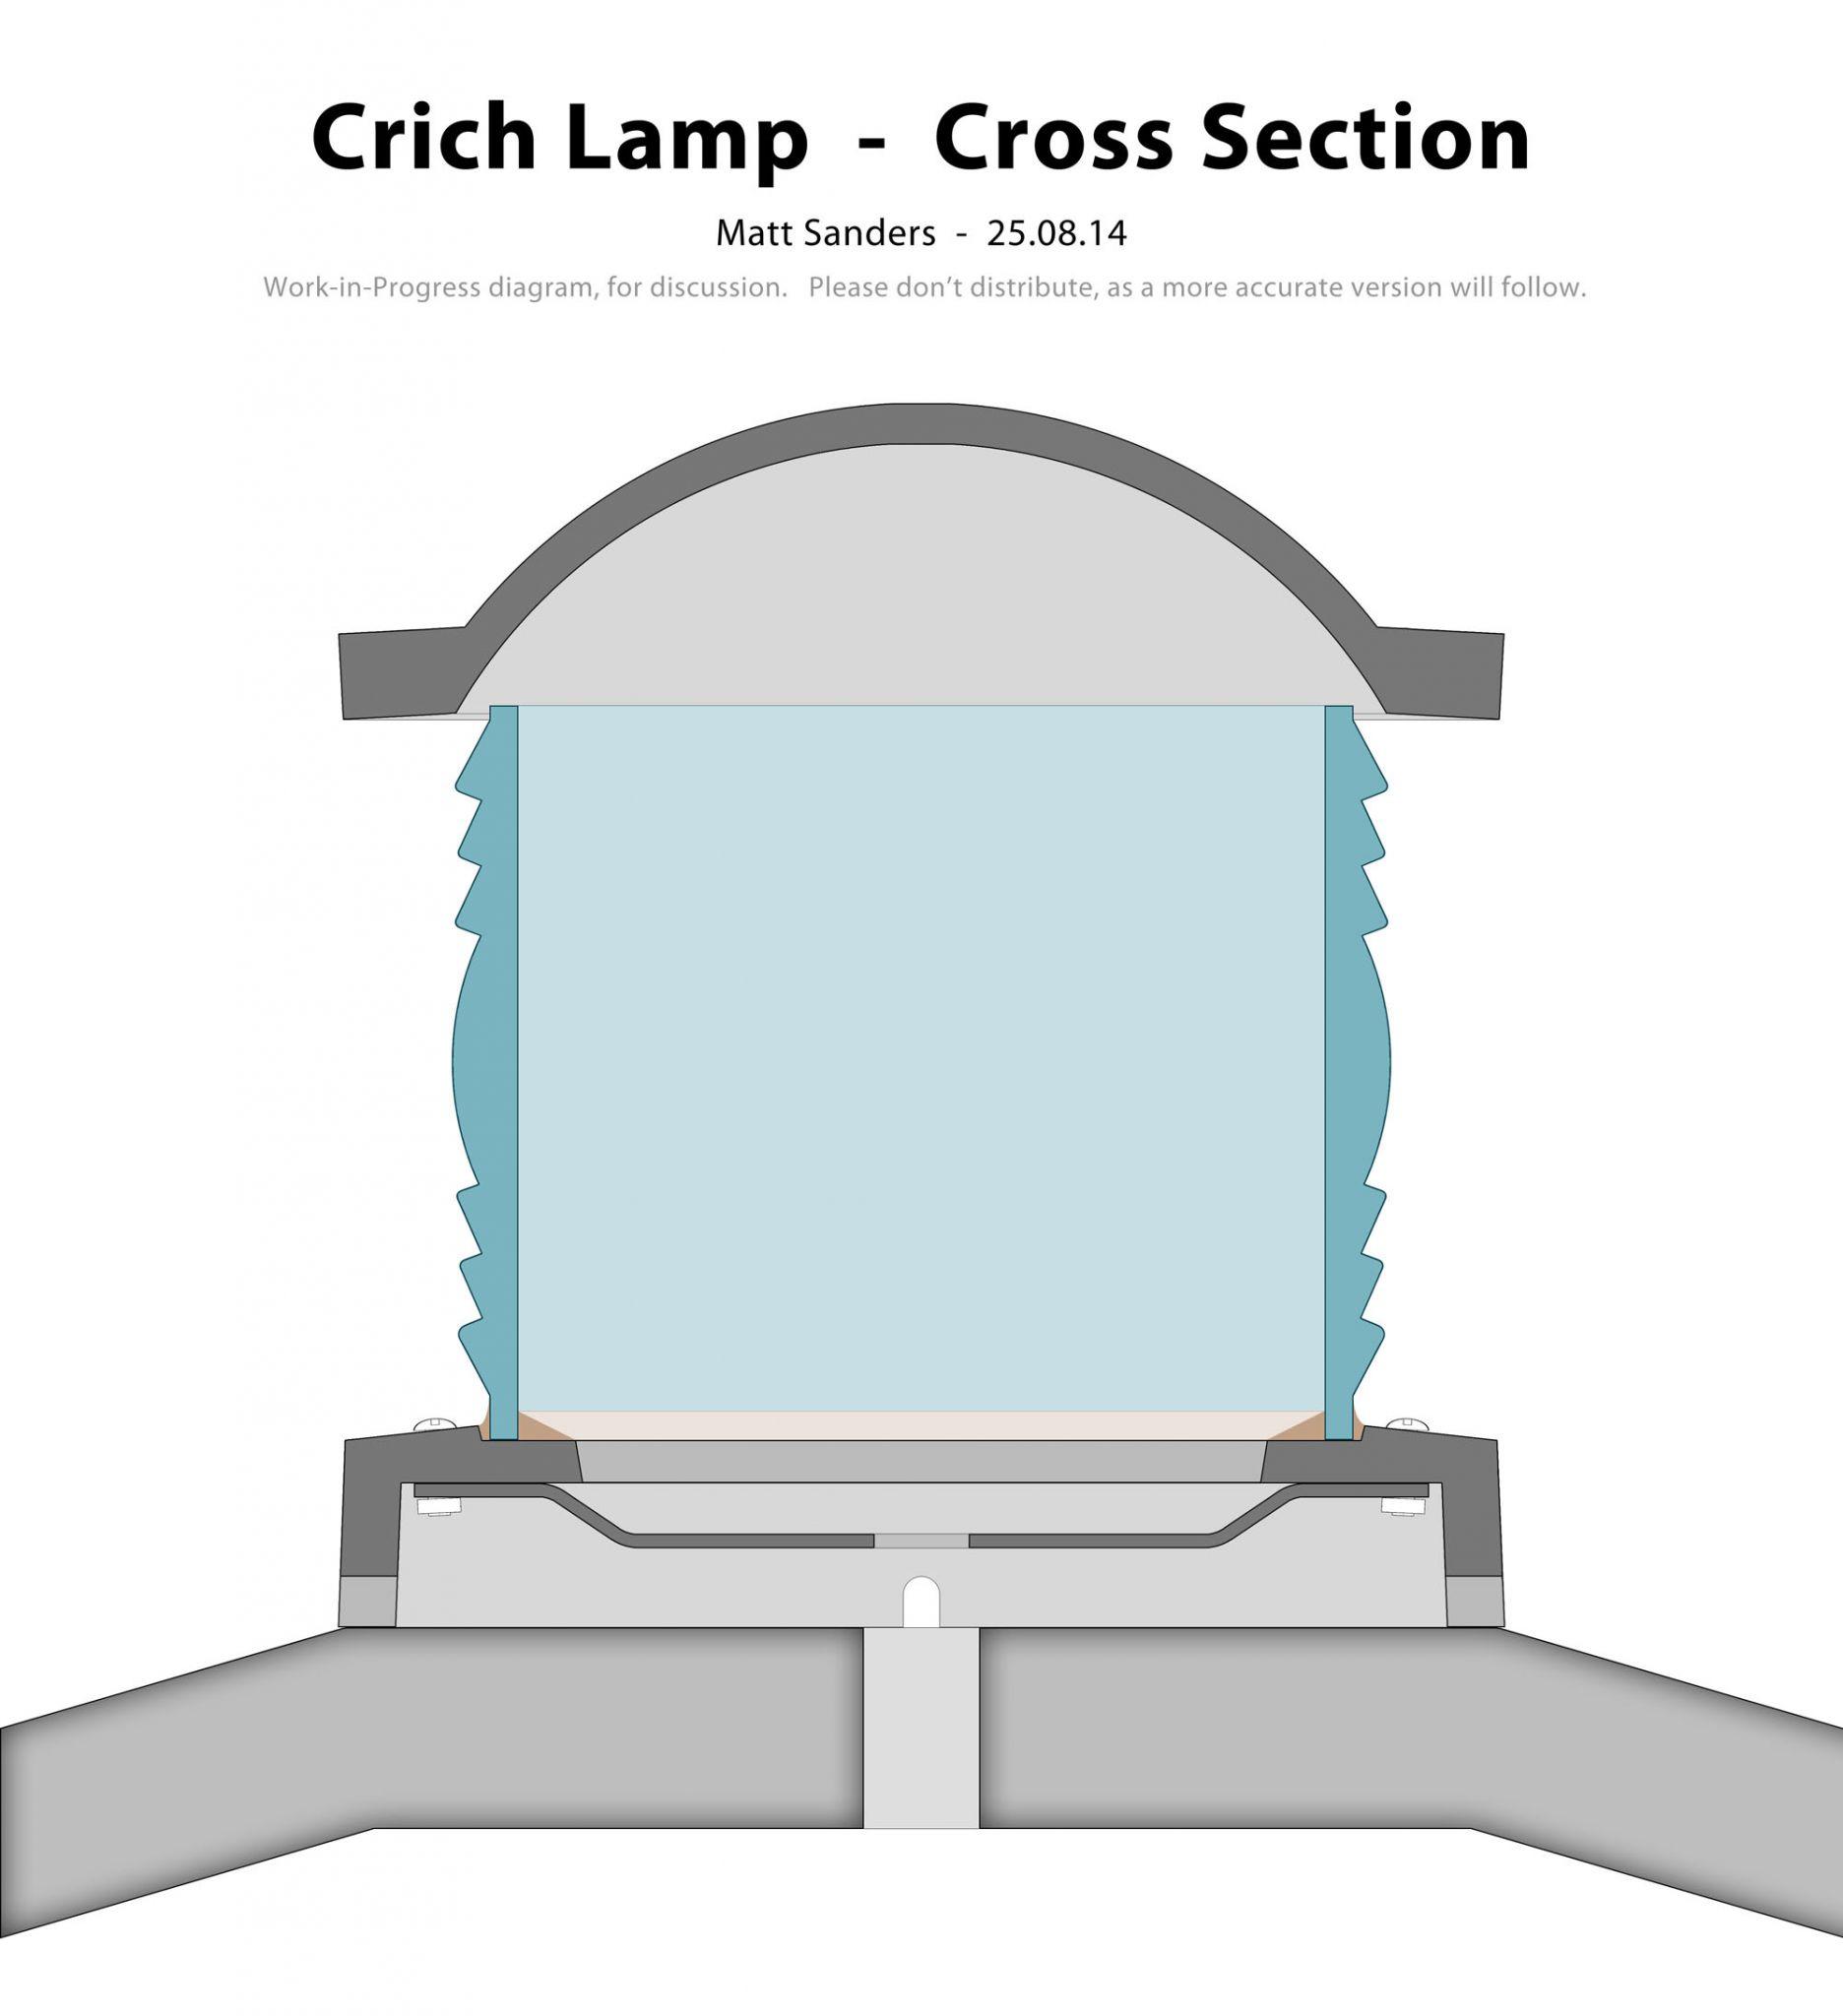 CrichLampCrossSection25Aug.jpg